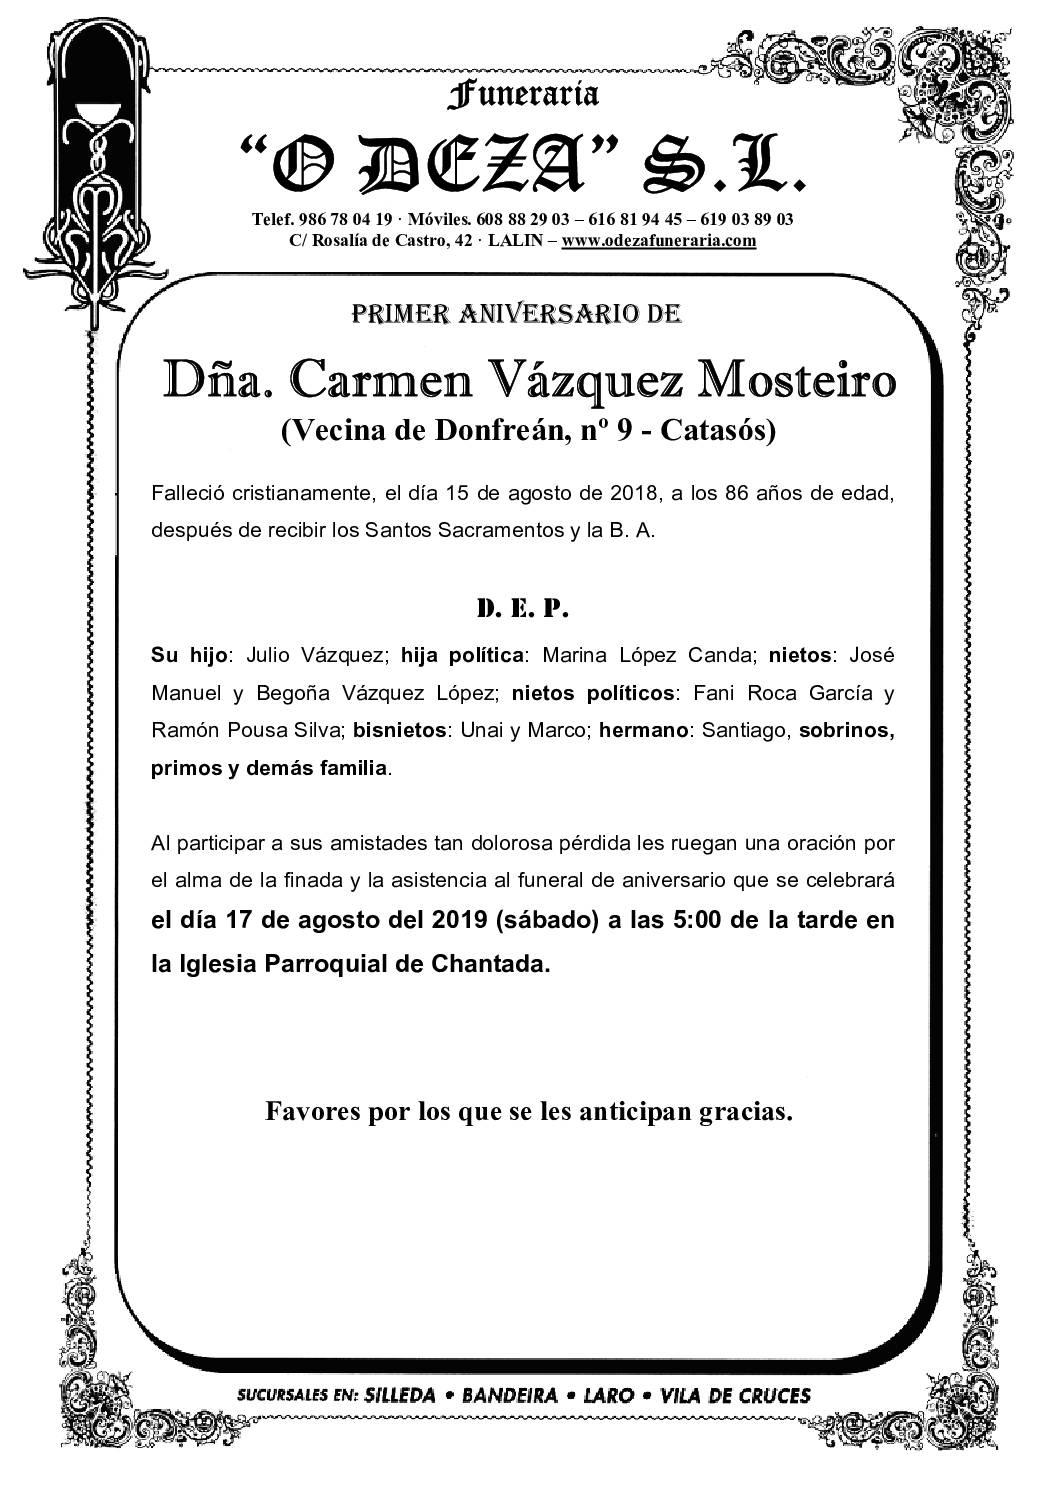 DÑA. Mª CARMEN VÁZQUEZ MOSTEIRO